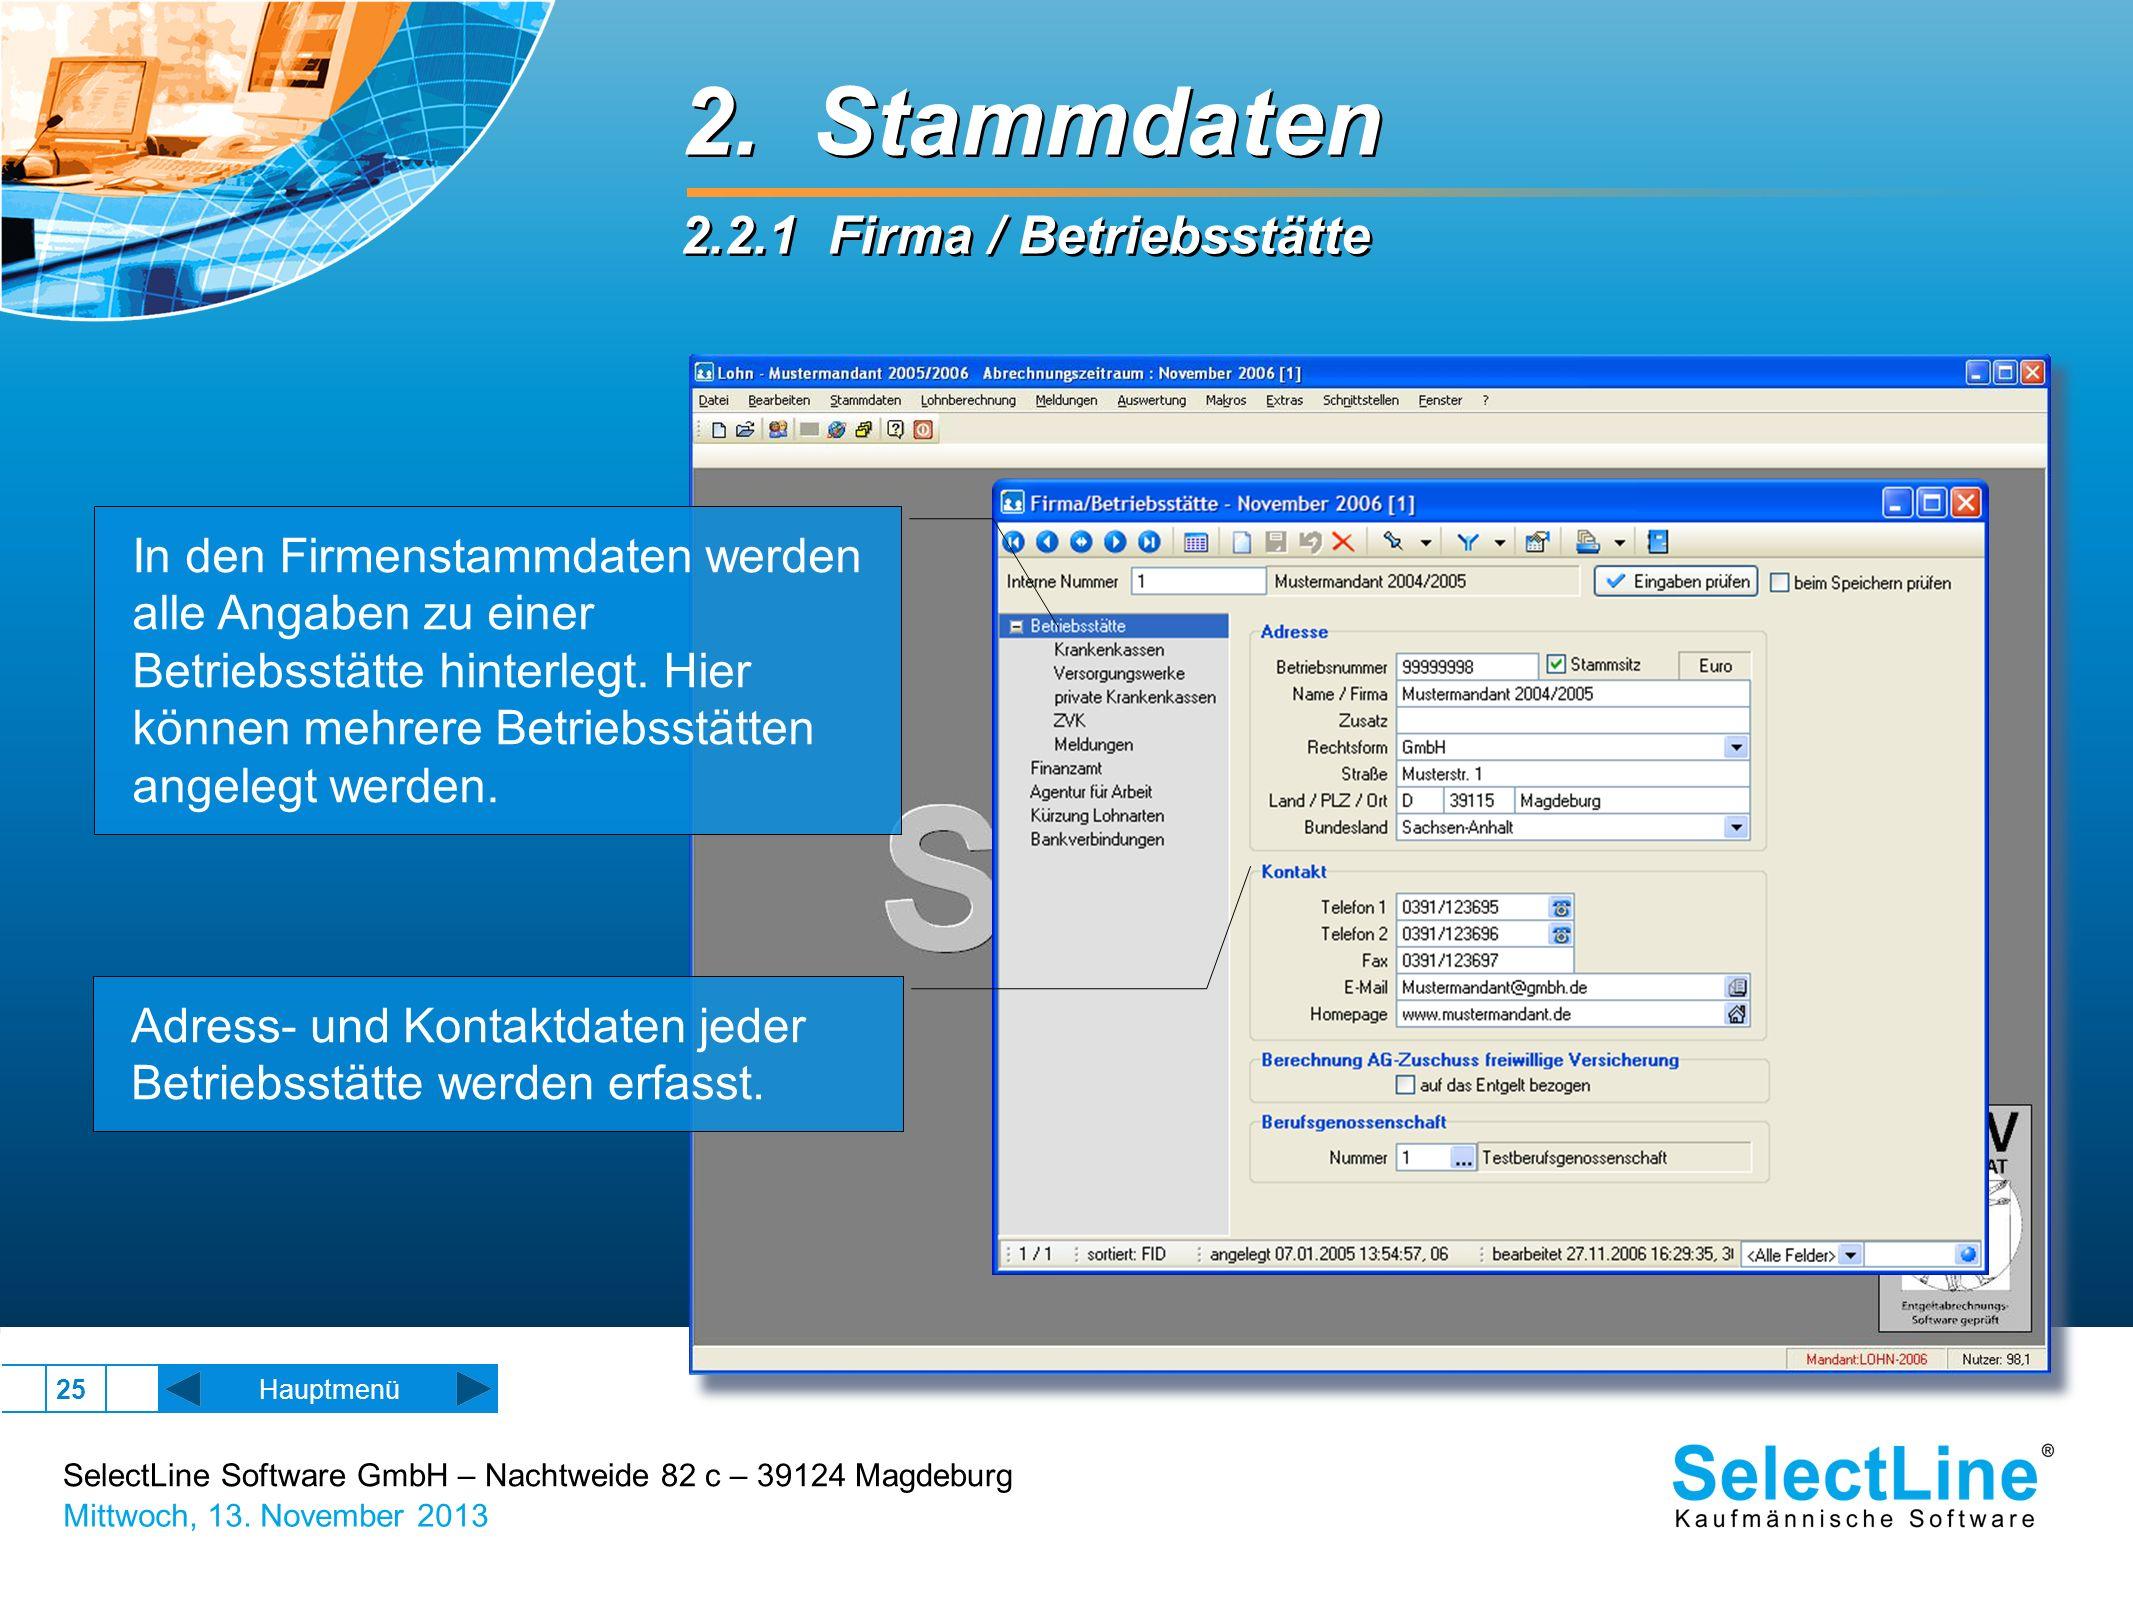 SelectLine Software GmbH – Nachtweide 82 c – 39124 Magdeburg Mittwoch, 13. November 2013 25 2. Stammdaten 2.2.1 Firma / Betriebsstätte 2. Stammdaten 2